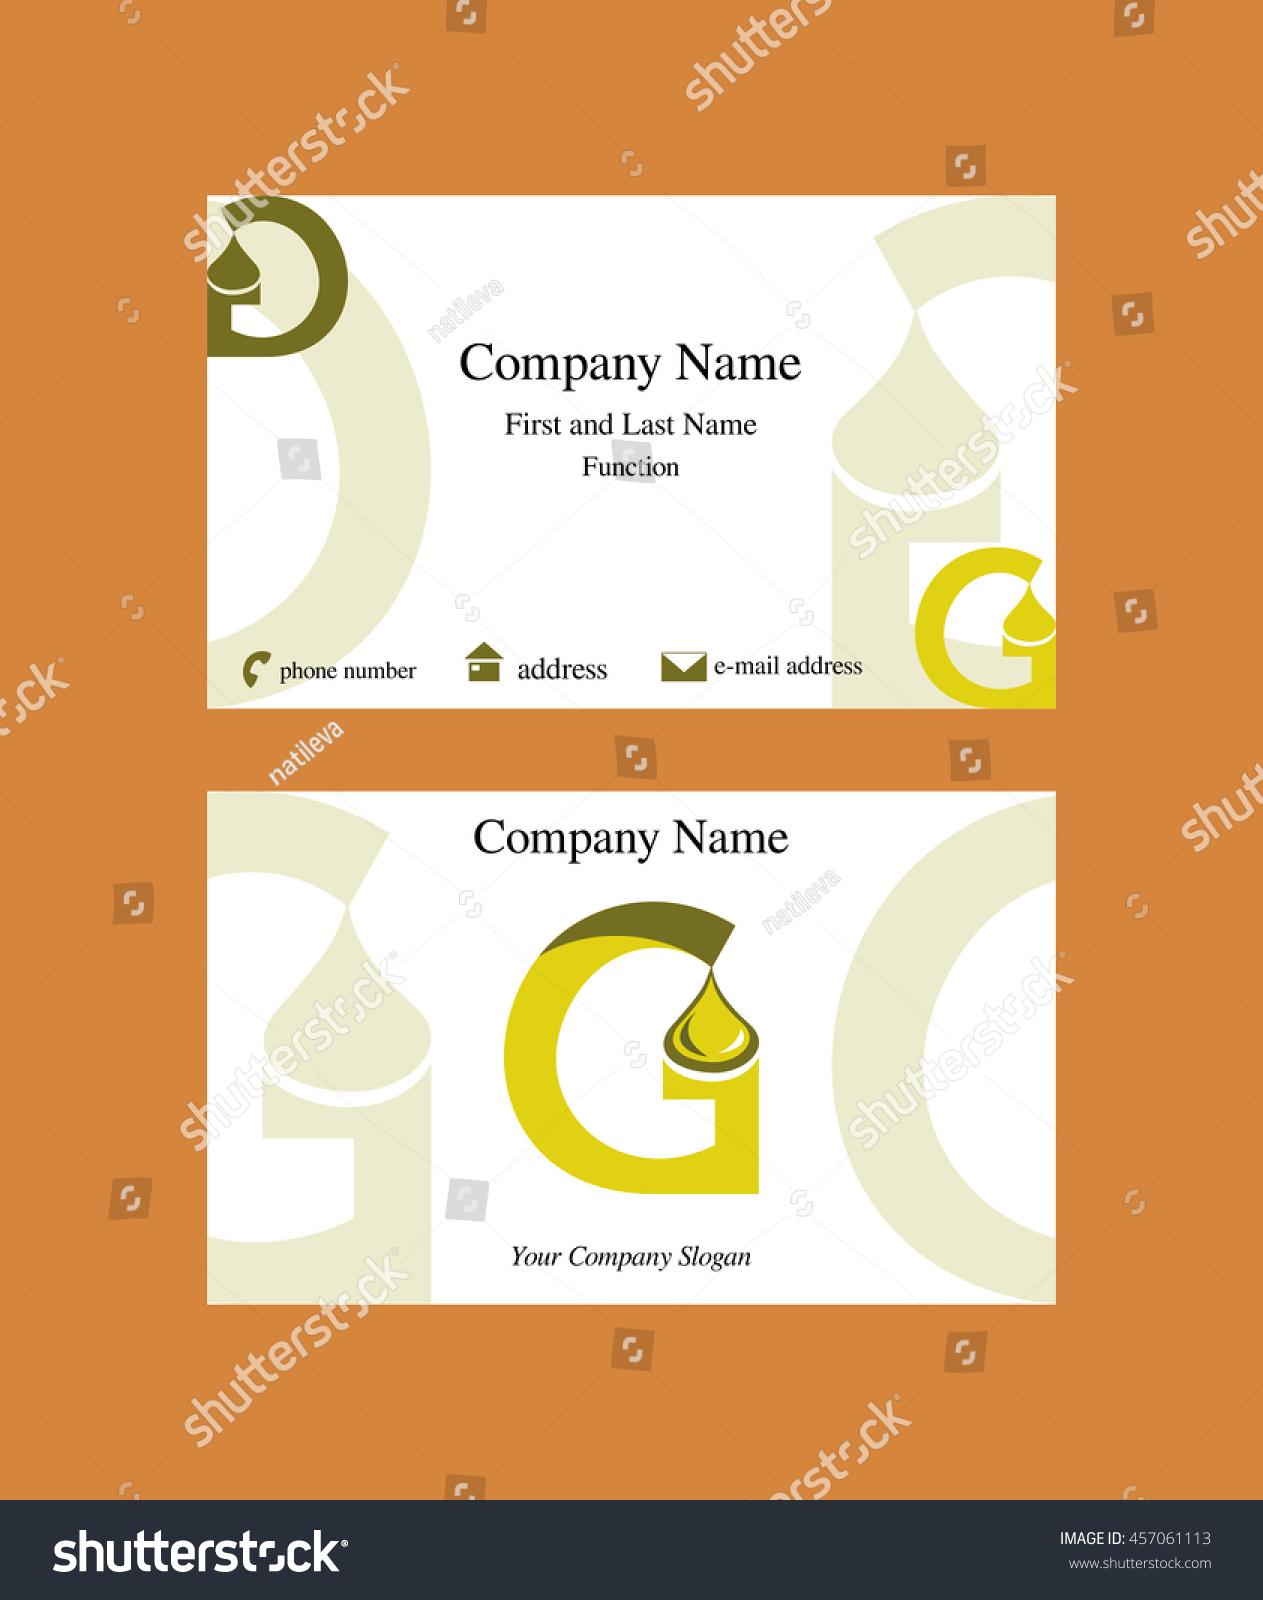 Business Card G Letter Logo Oil Stock Vector 457061113 - Shutterstock